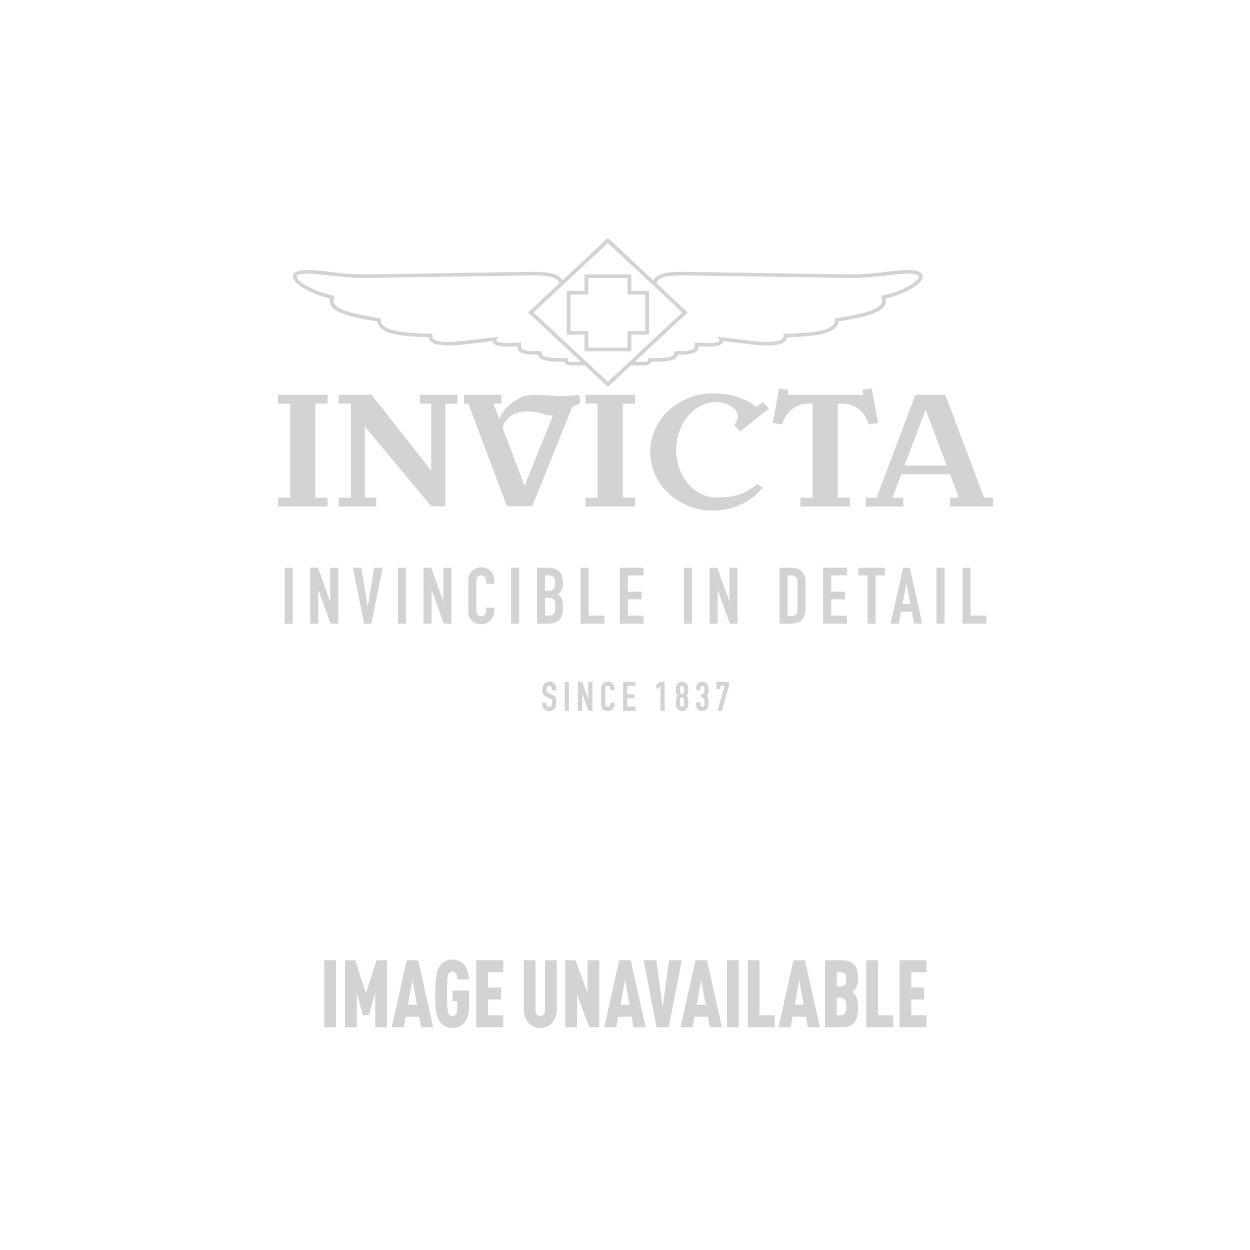 Invicta Model 27574